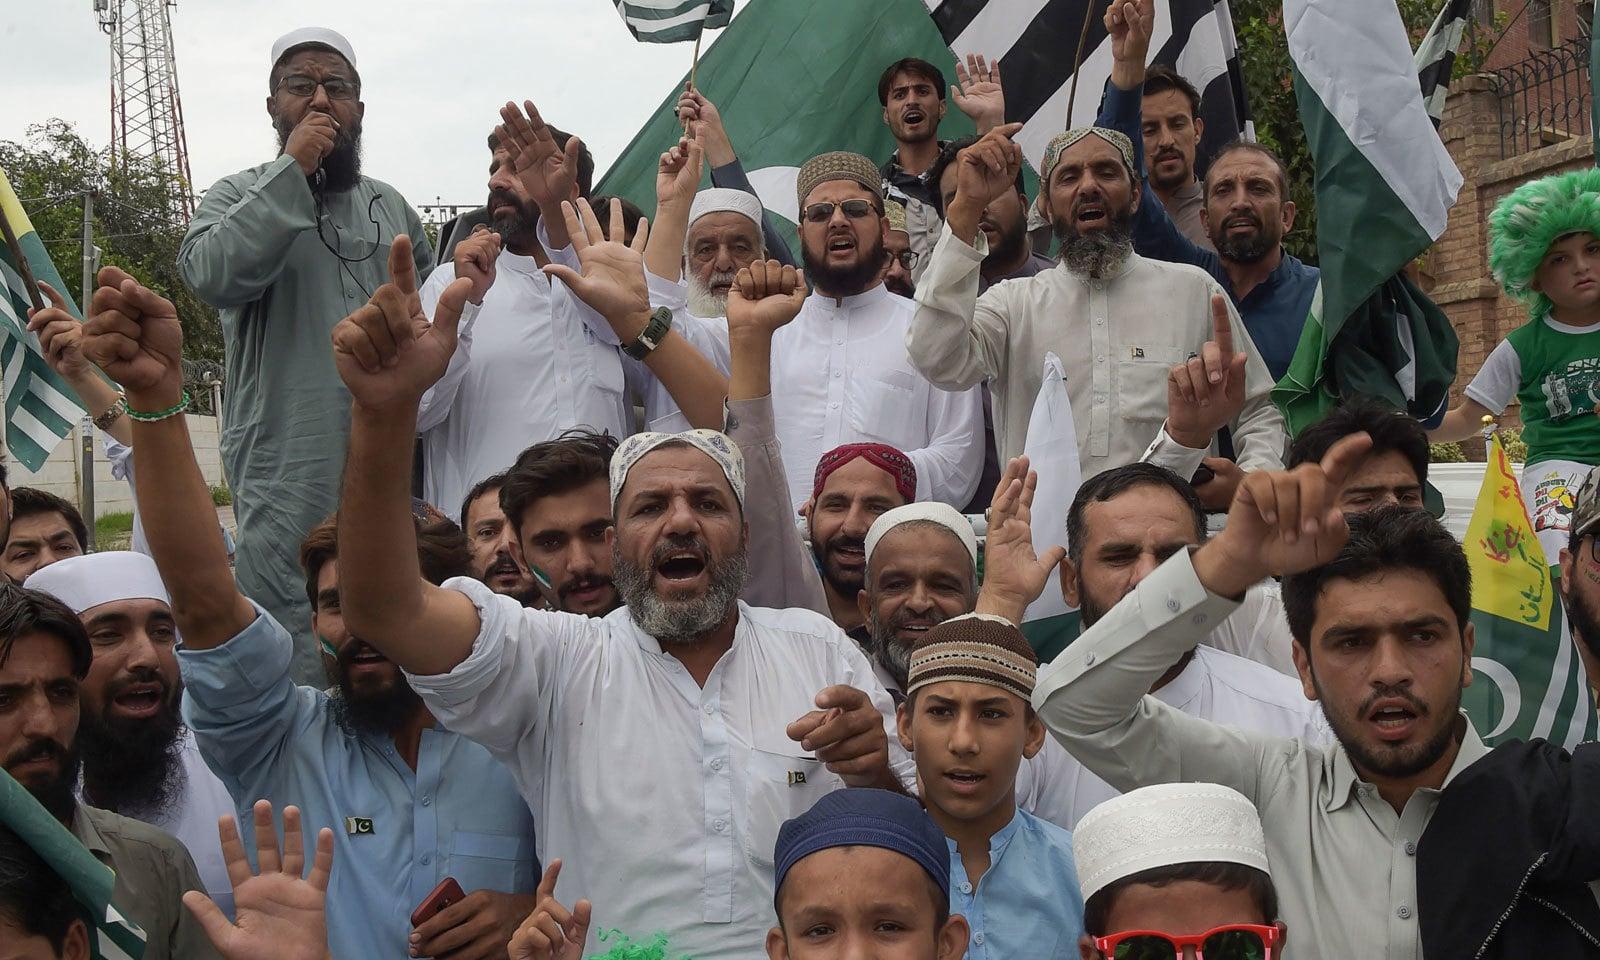 ملک کے مختلف شہروں میں یوم آزادی پر  تقریبات کا انعقاد کیا گیا -— فوٹو: اے ایف  پی